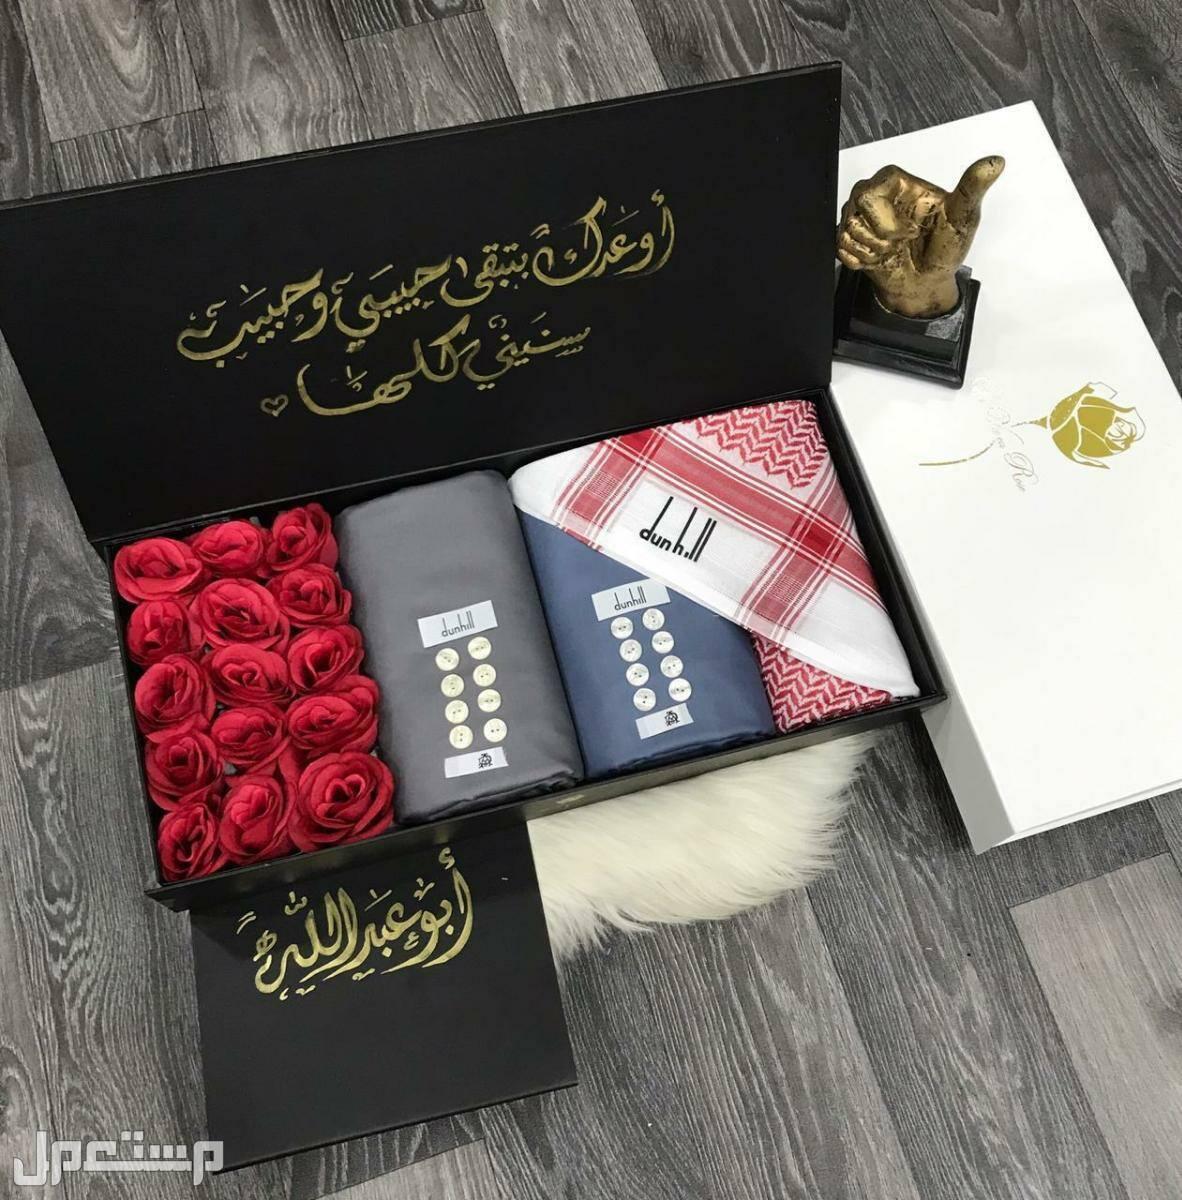 قماشين ماركات عالمية مع شماغ راقي # خامات وجوده علئ الضمان